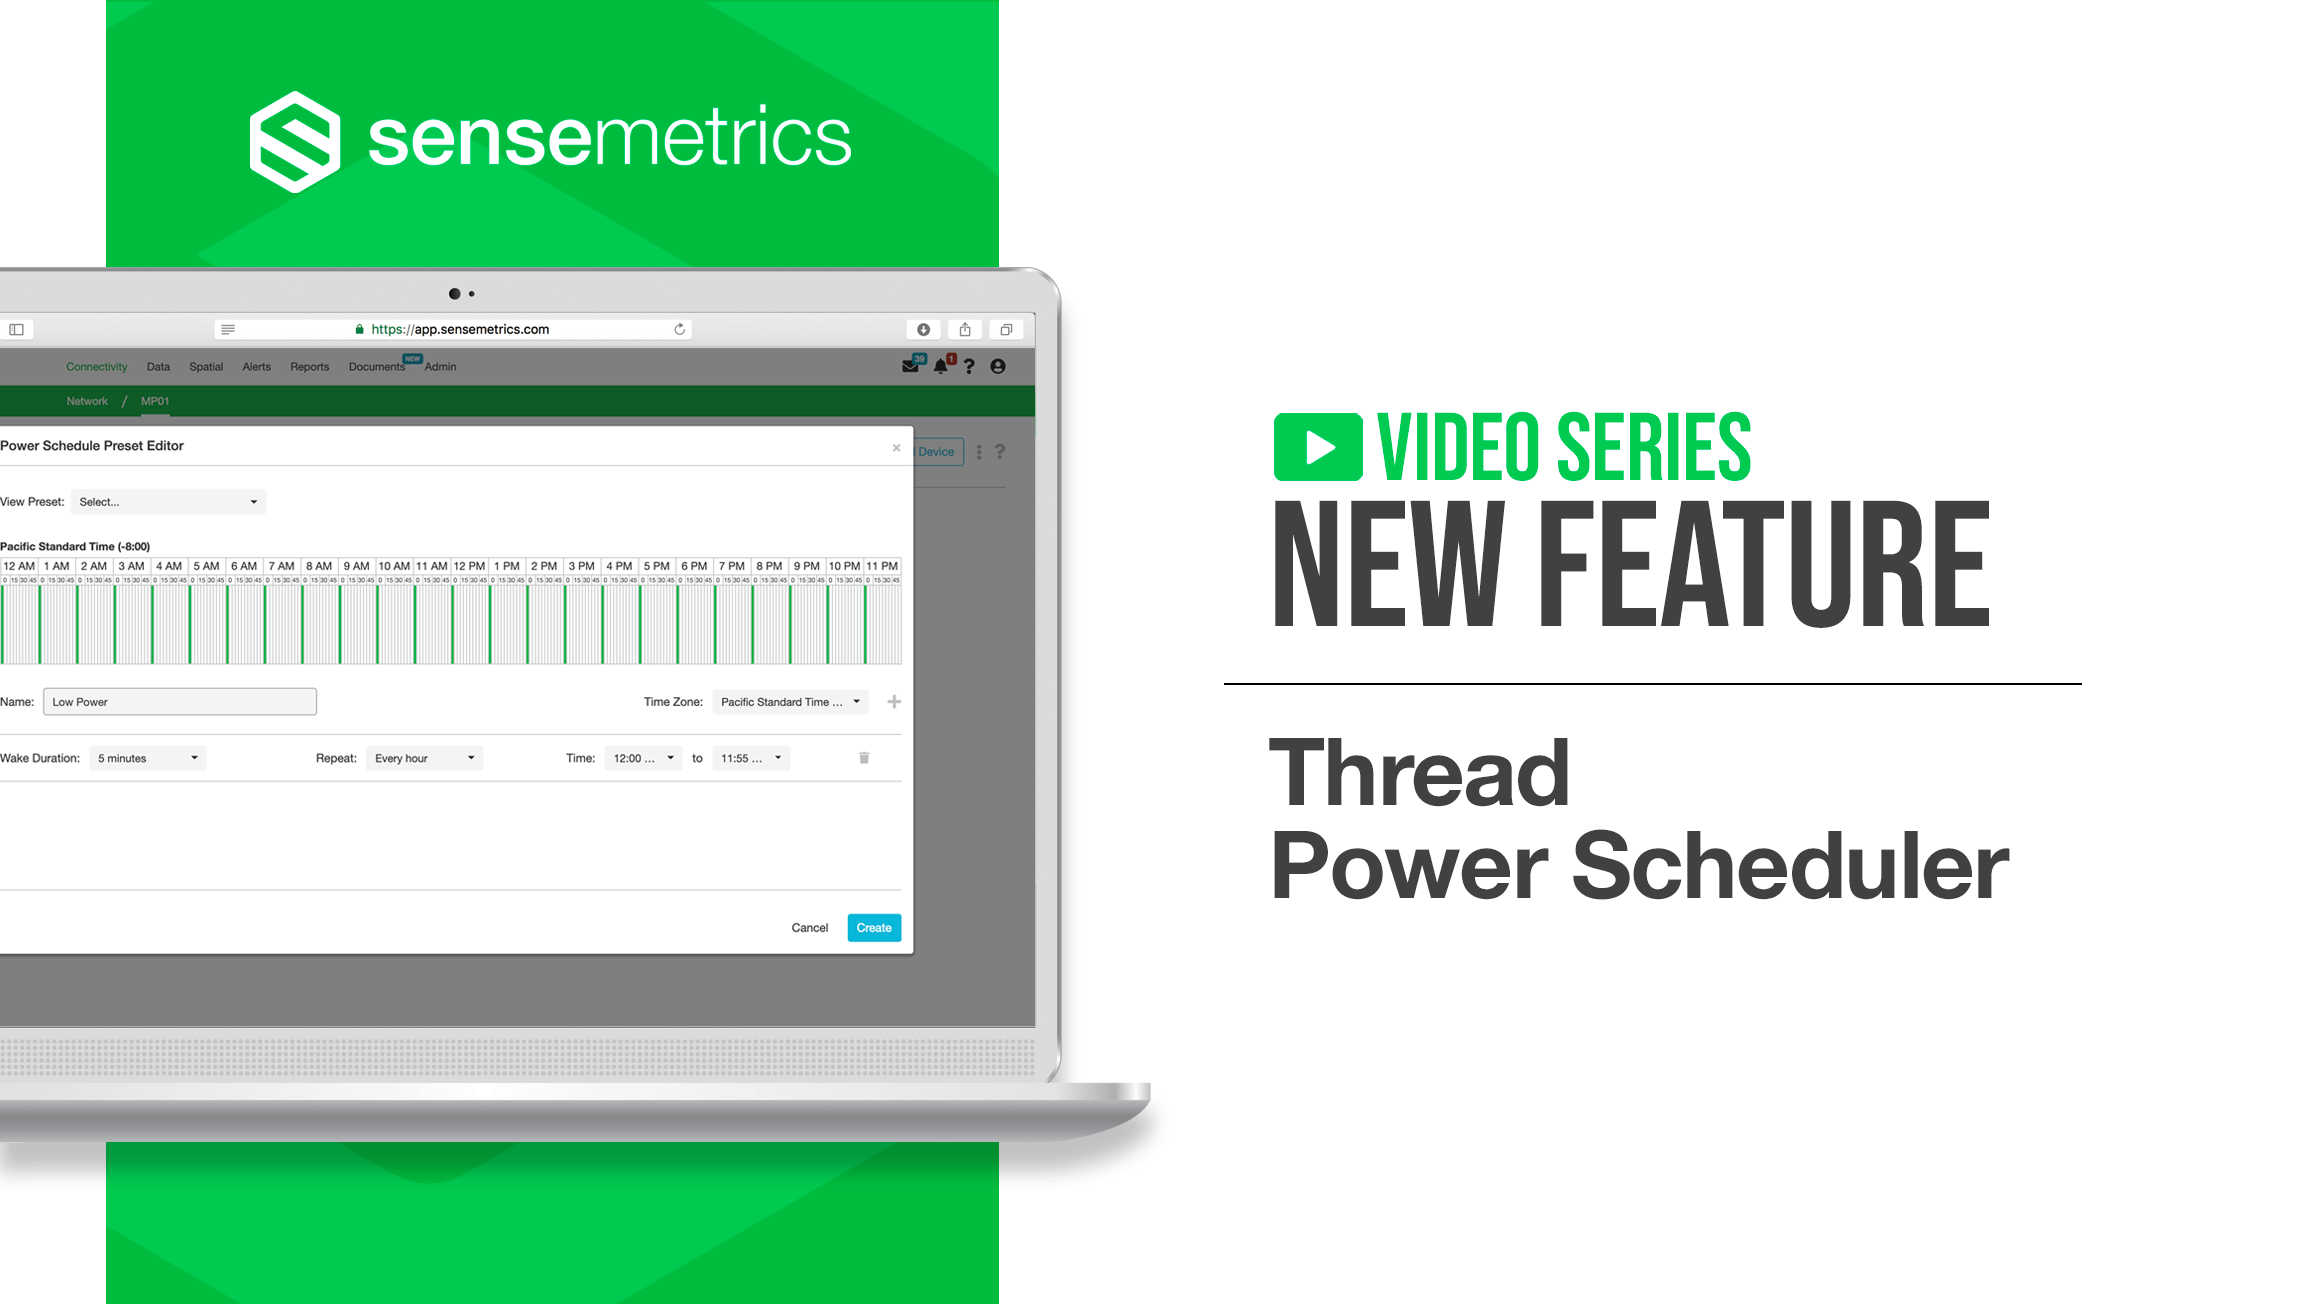 New Feature: Thread Power Scheduler